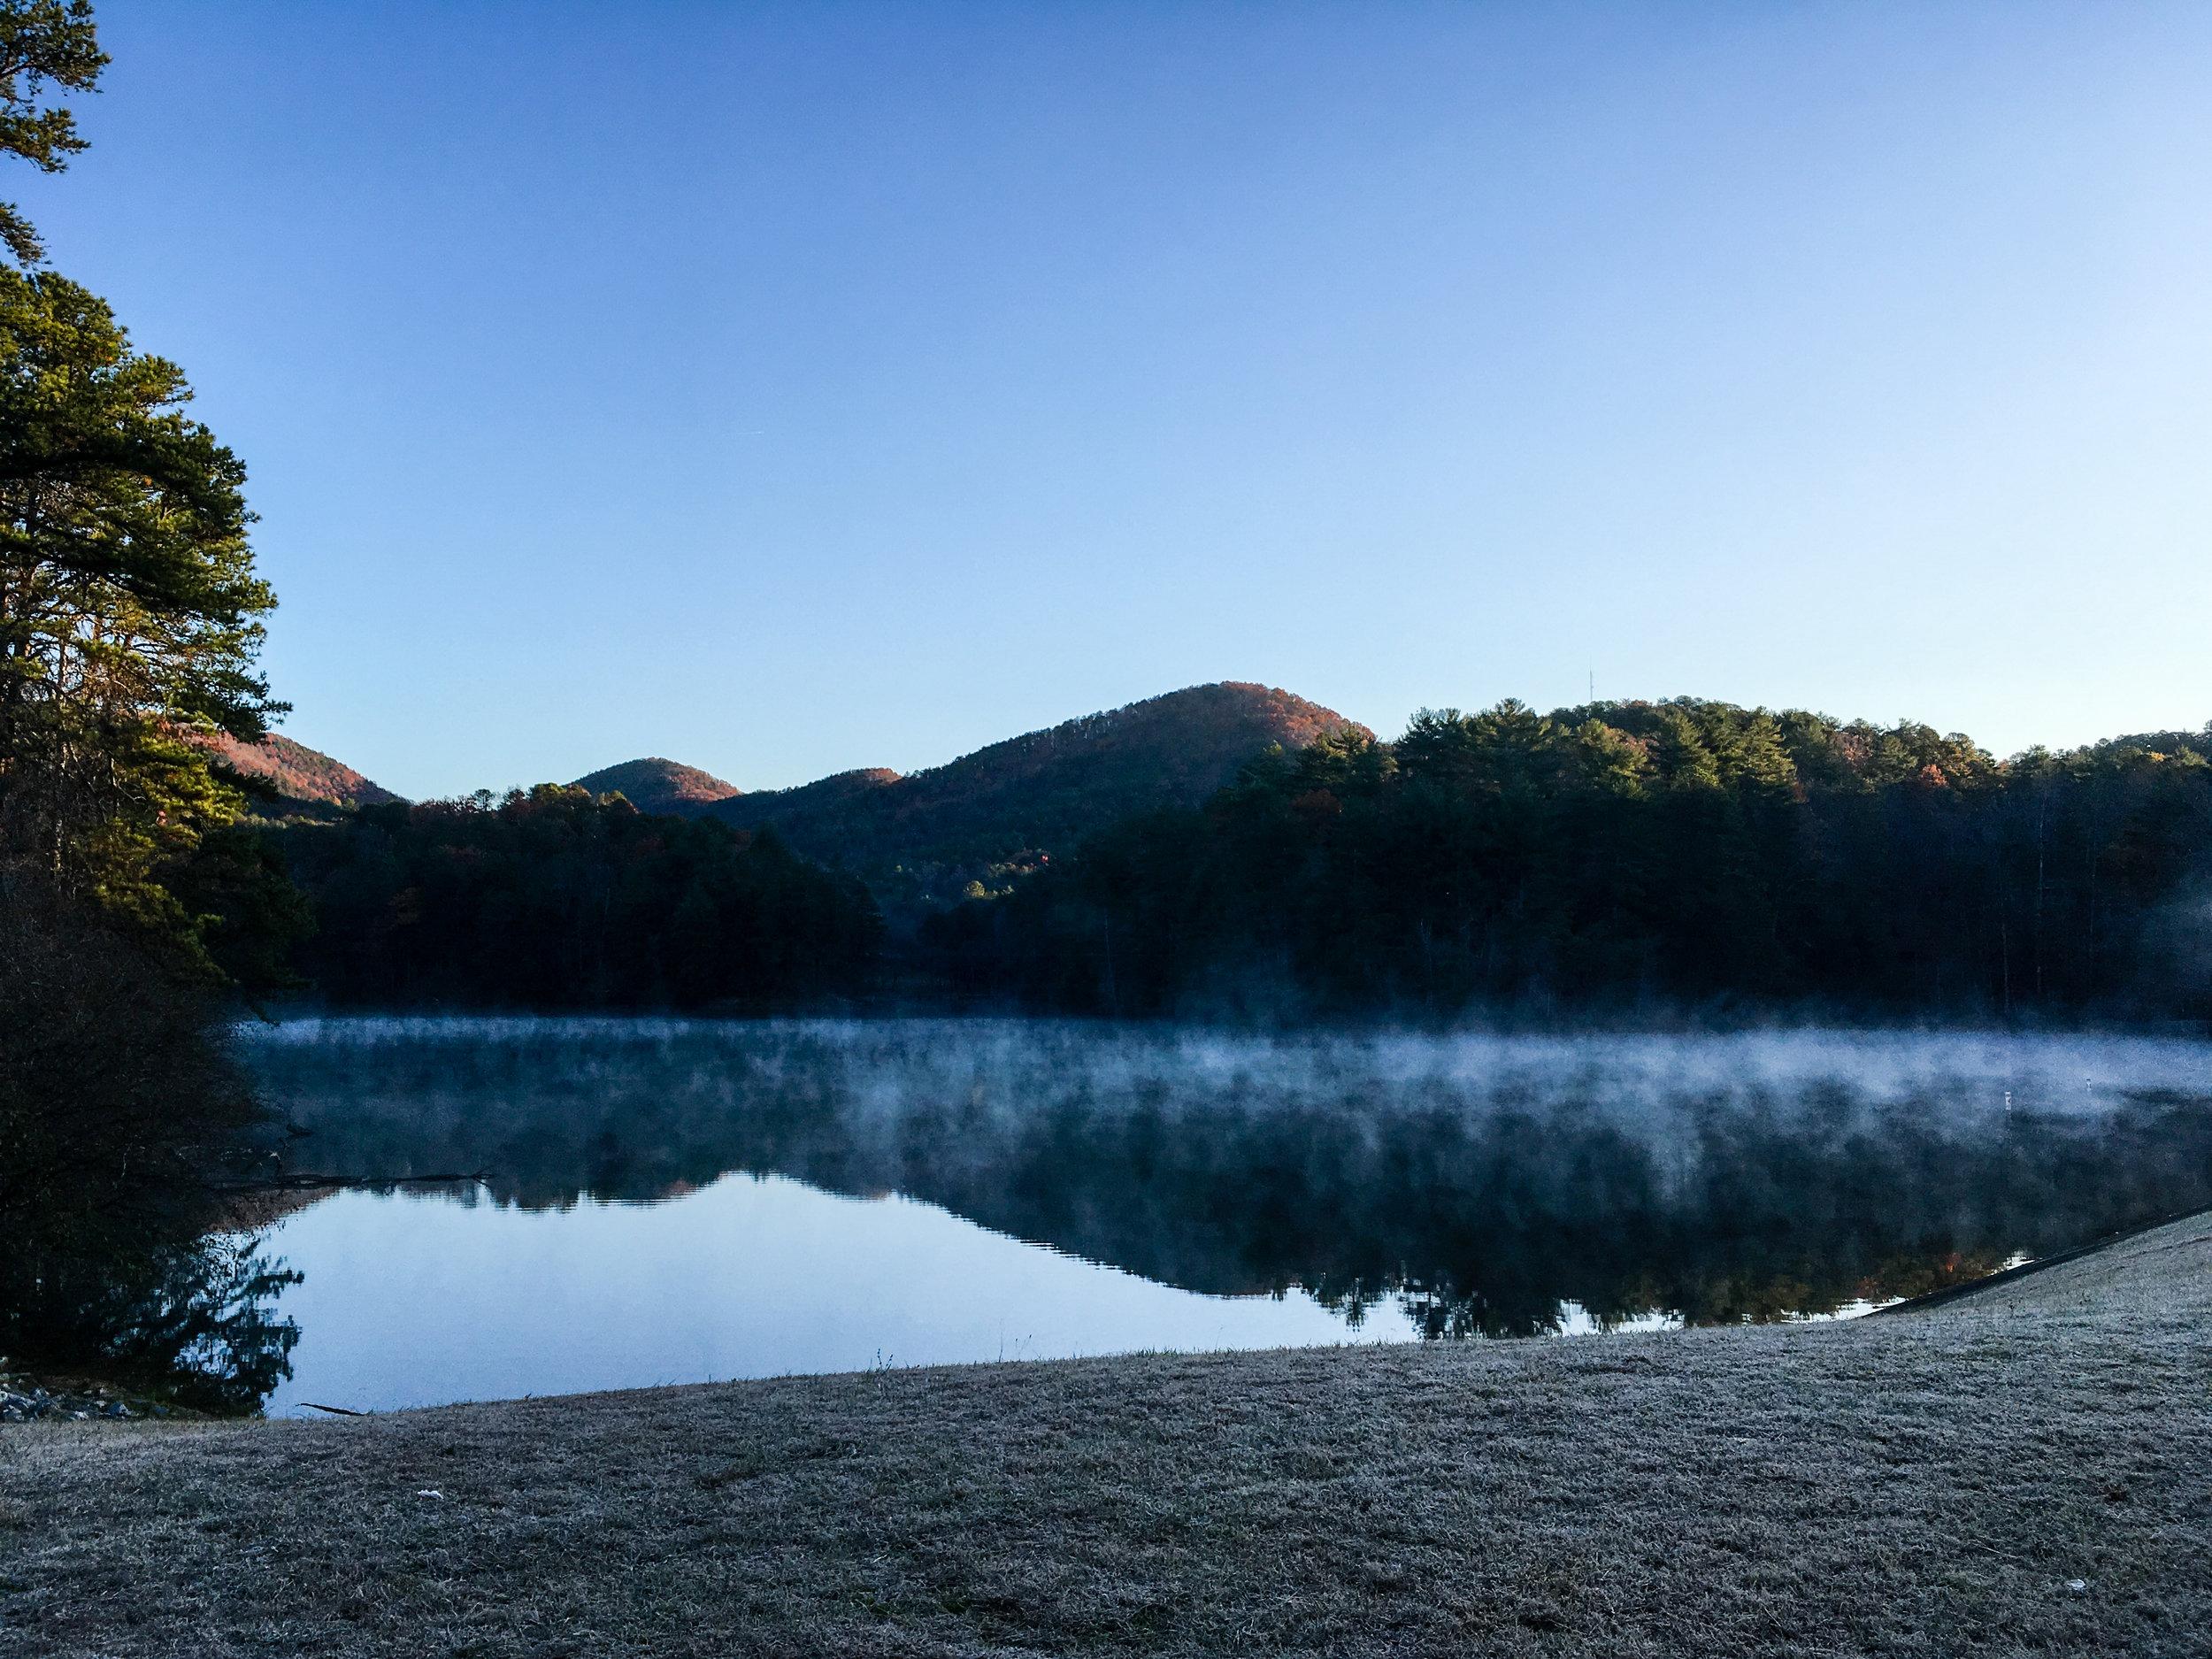 Unicoi Lake, November 23, 2017